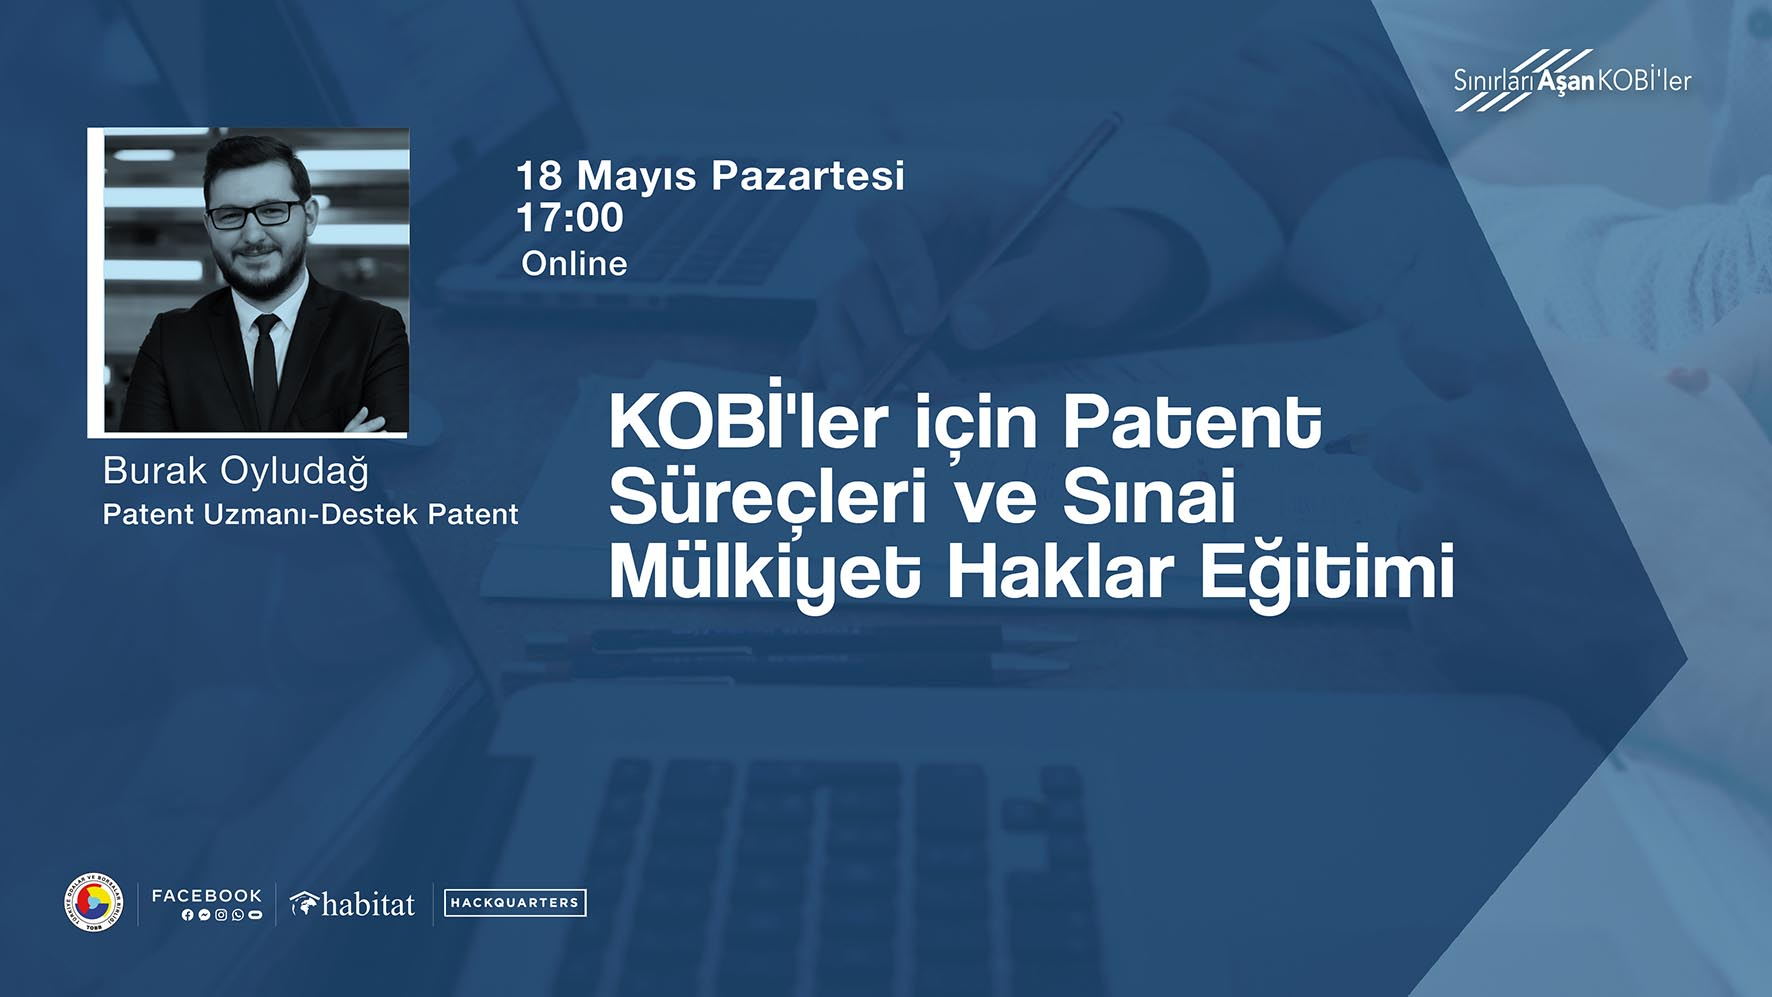 KOBİ'ler için Patent Süreçleri ve Sınai Mülkiyet Haklar Eğitimi